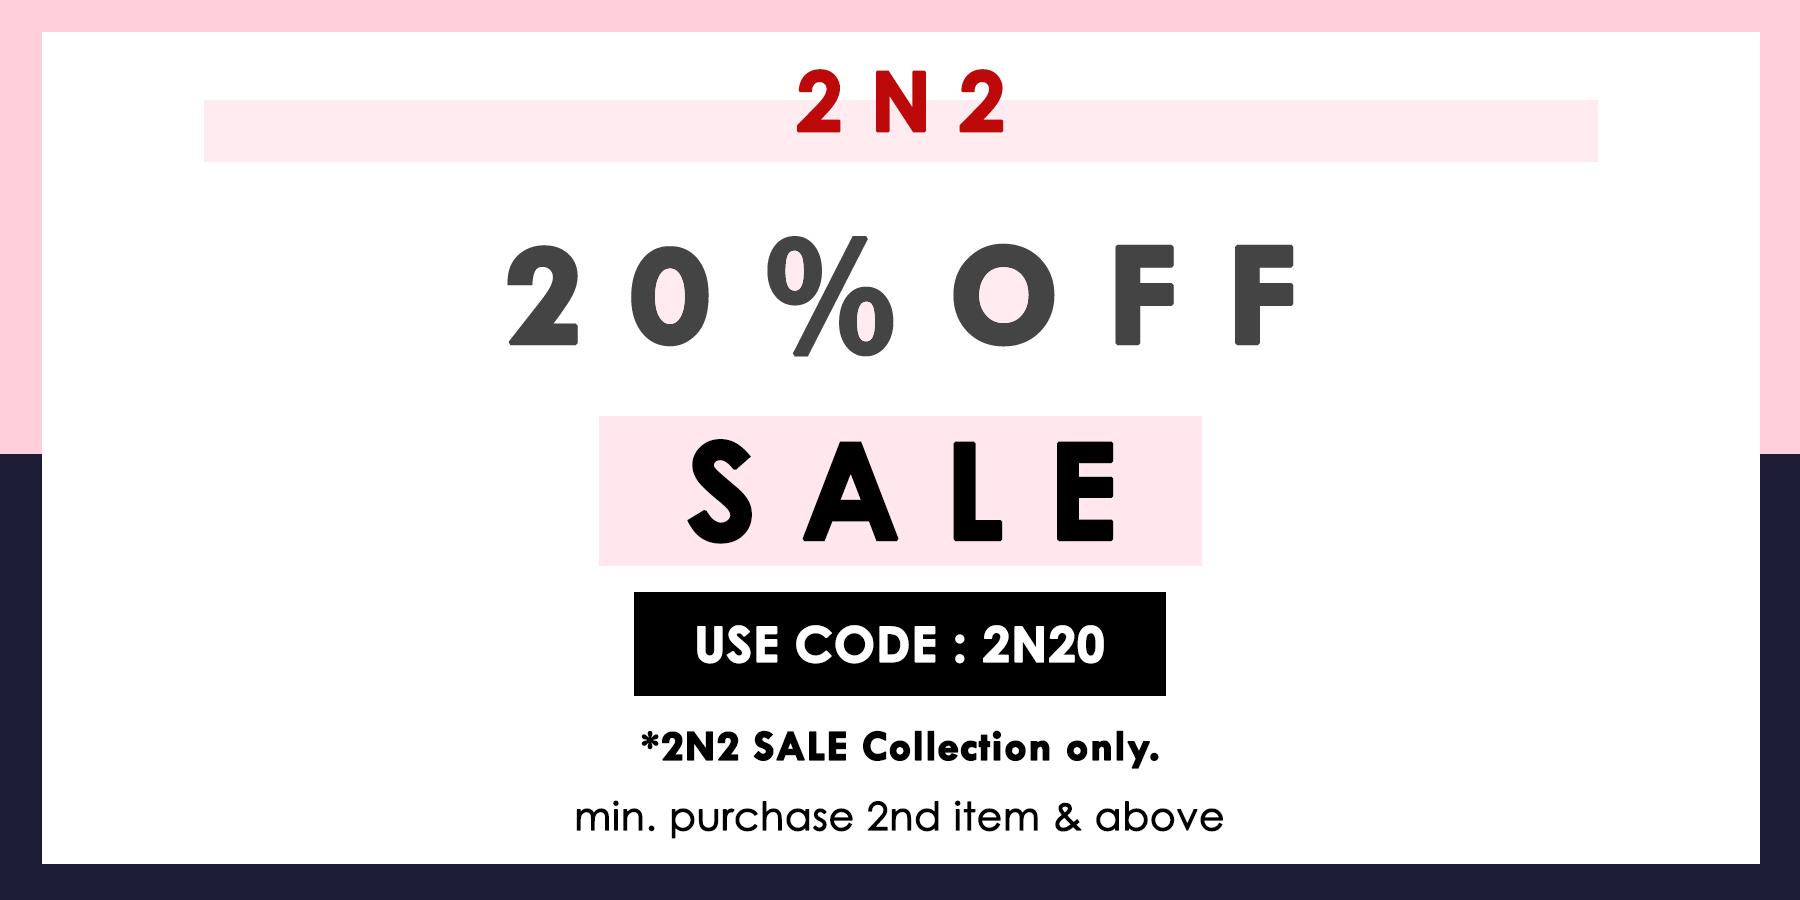 2n2-sale-banner-01.jpg